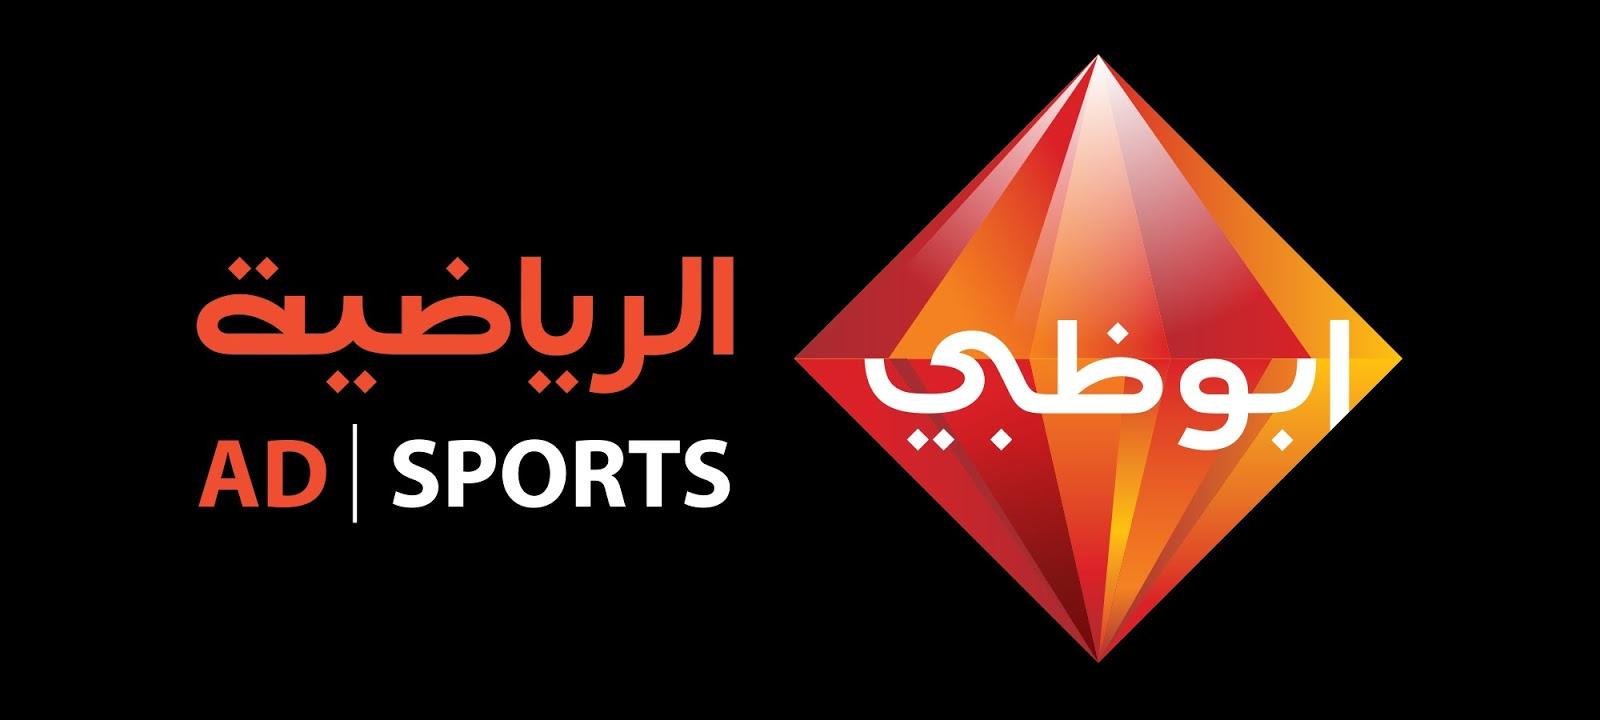 مشاهدة قناه ابو ظبى 3 الرياضية بث مباشر اون لاين المشفرة hd بدون تقطيع يوتيوب على النت